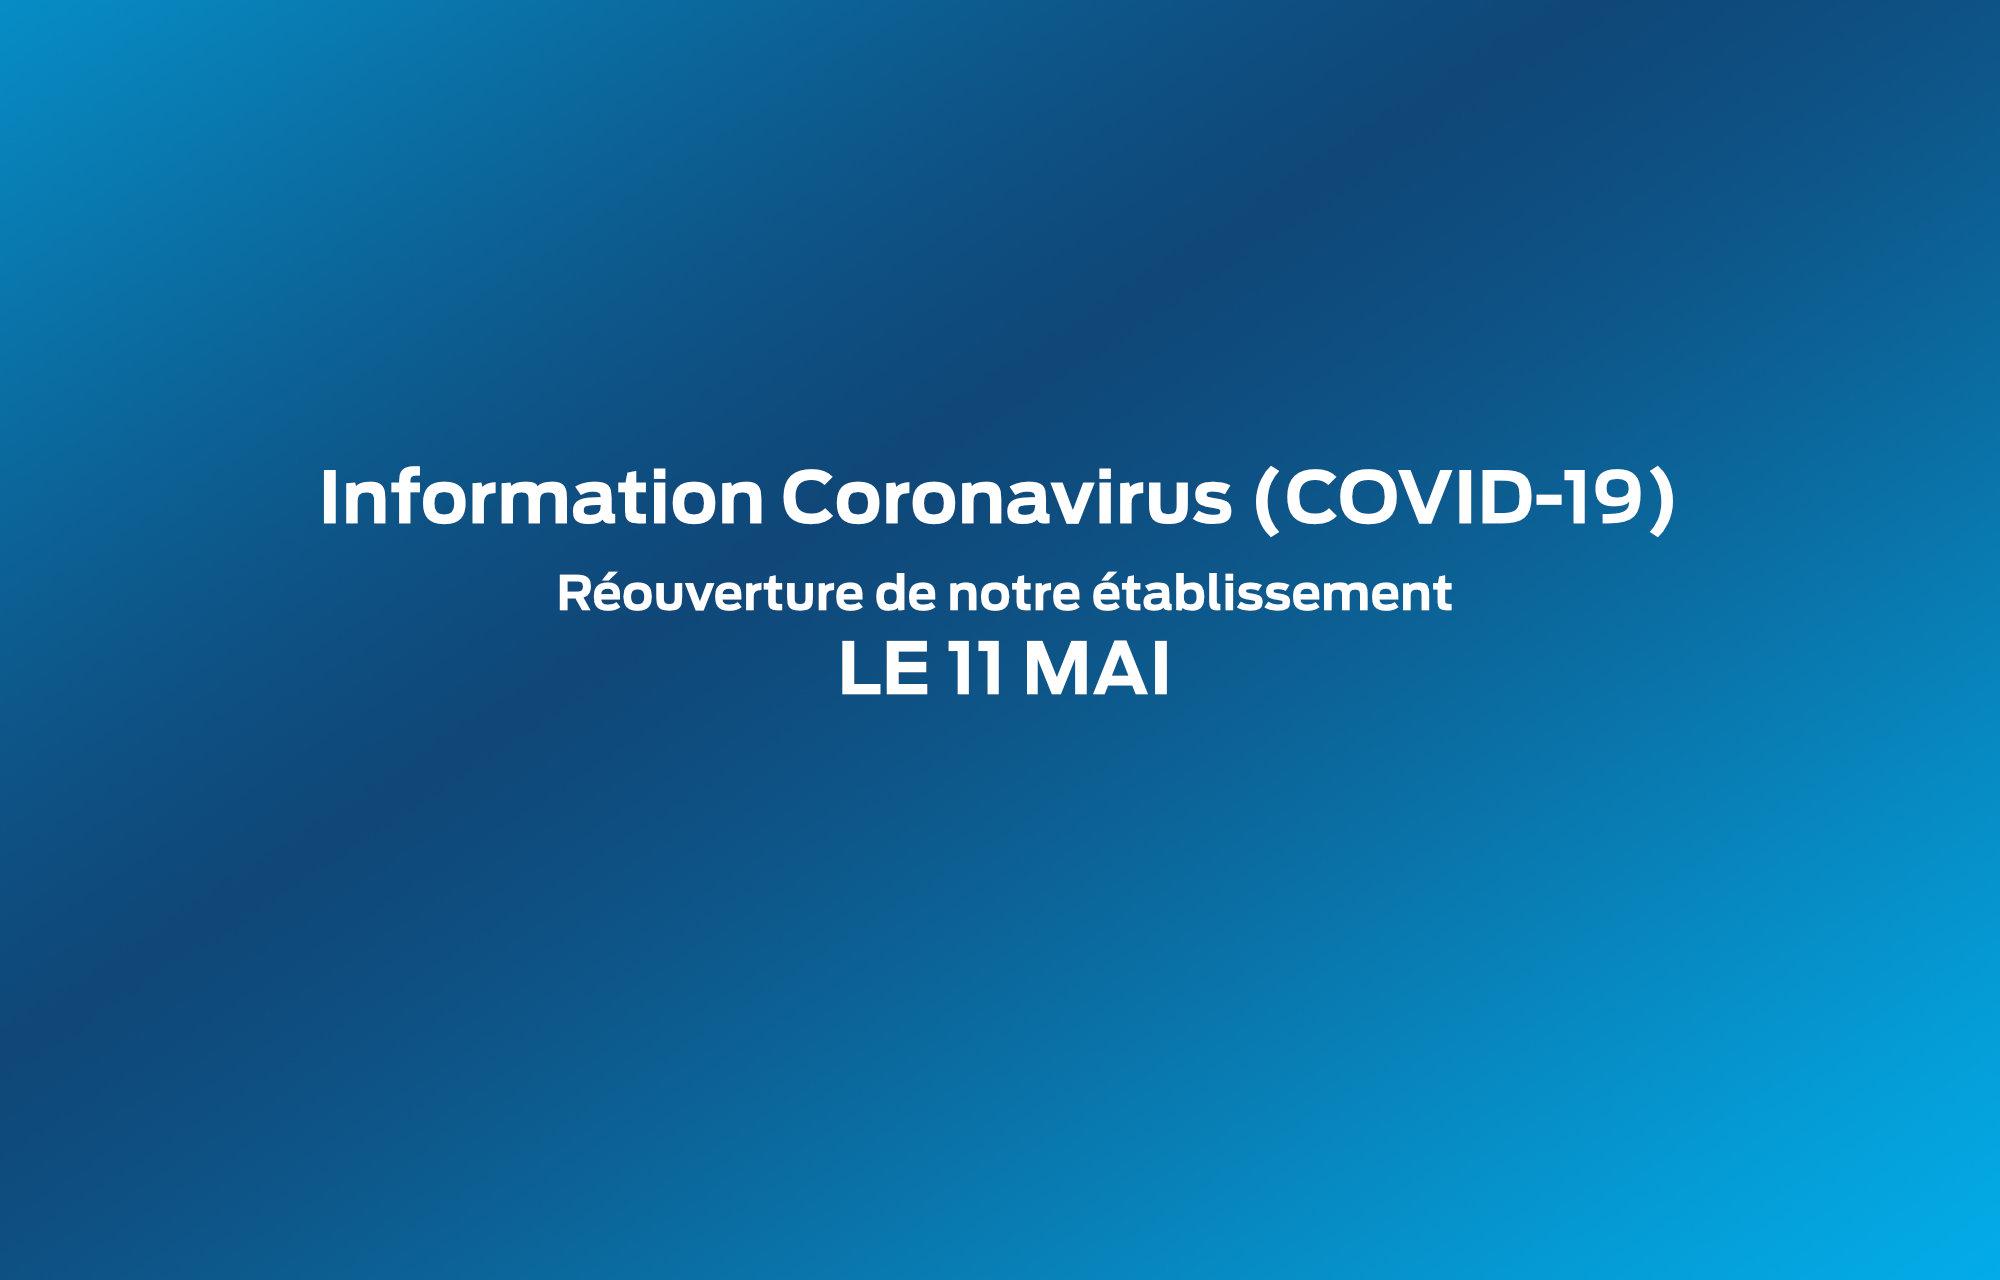 **Information importante COVID-19** : Reprise de nos activités